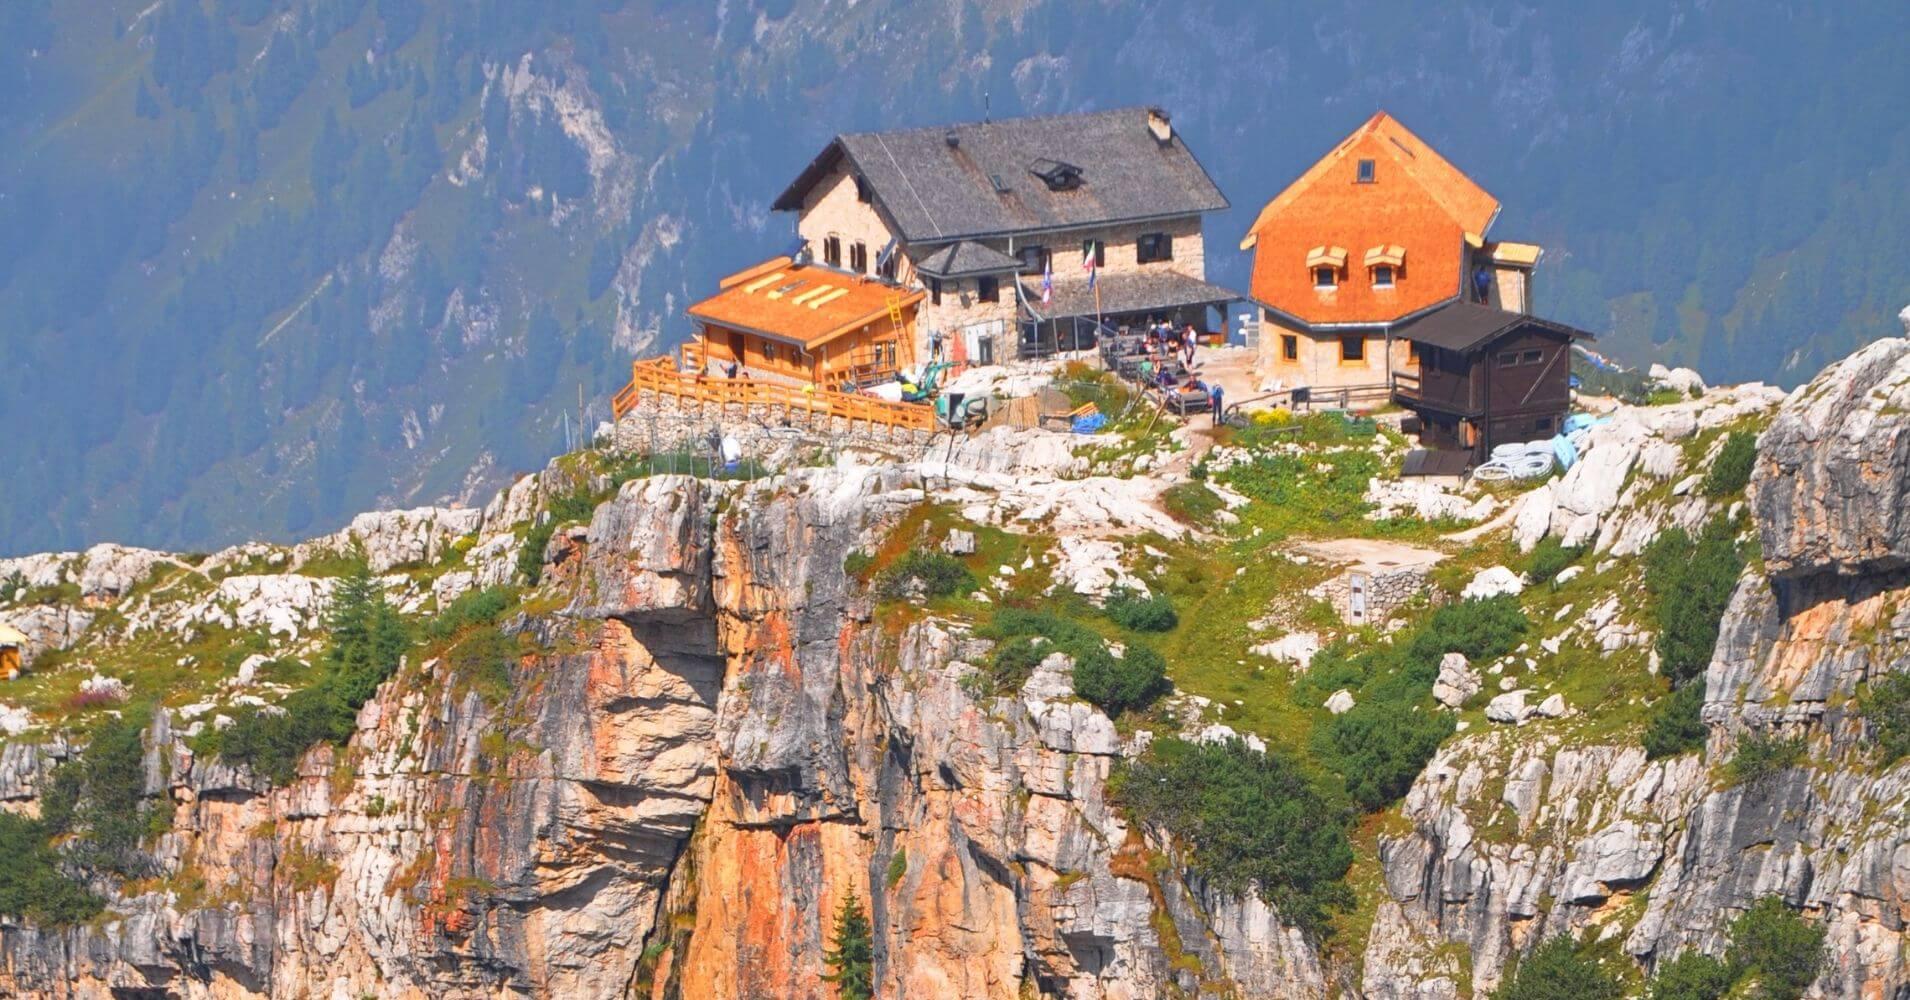 Refugio de Tucket, Ferrata Sendero de Sosat. Dolomitas de Breta. Madona di Campiglio. Trento, Trentino Alto Adigio. Italia.